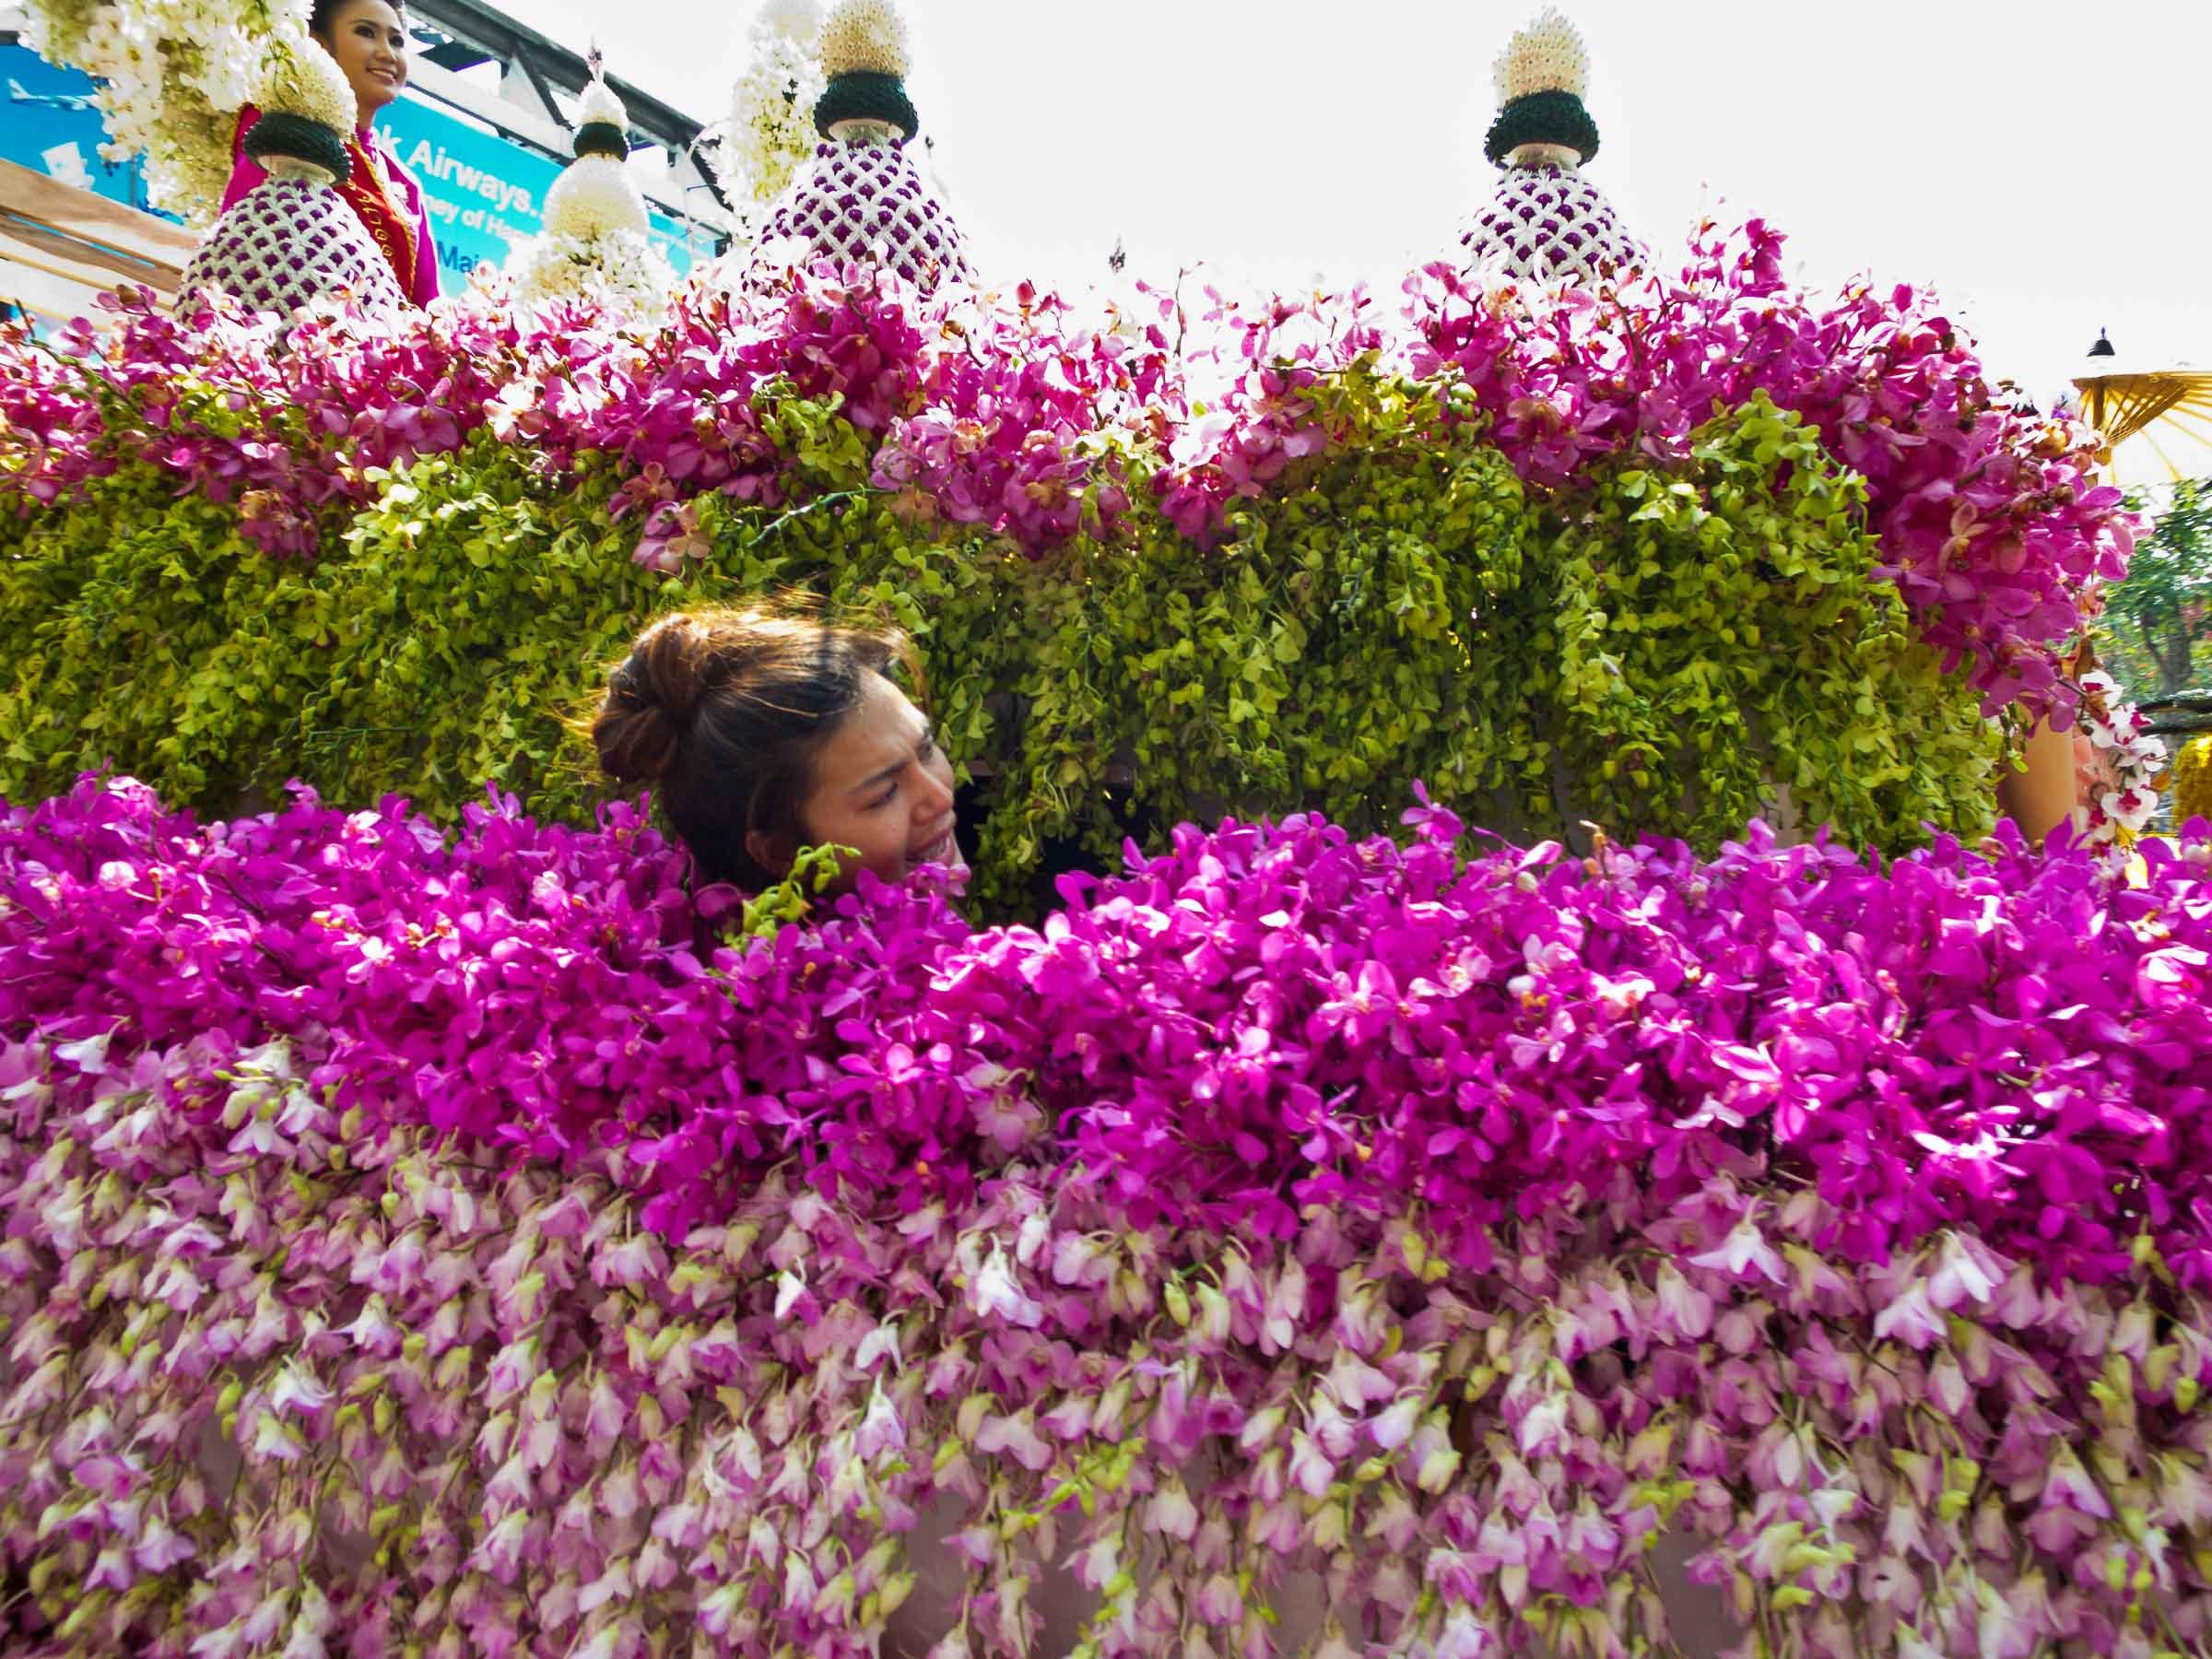 160206_Flower_Festival_72